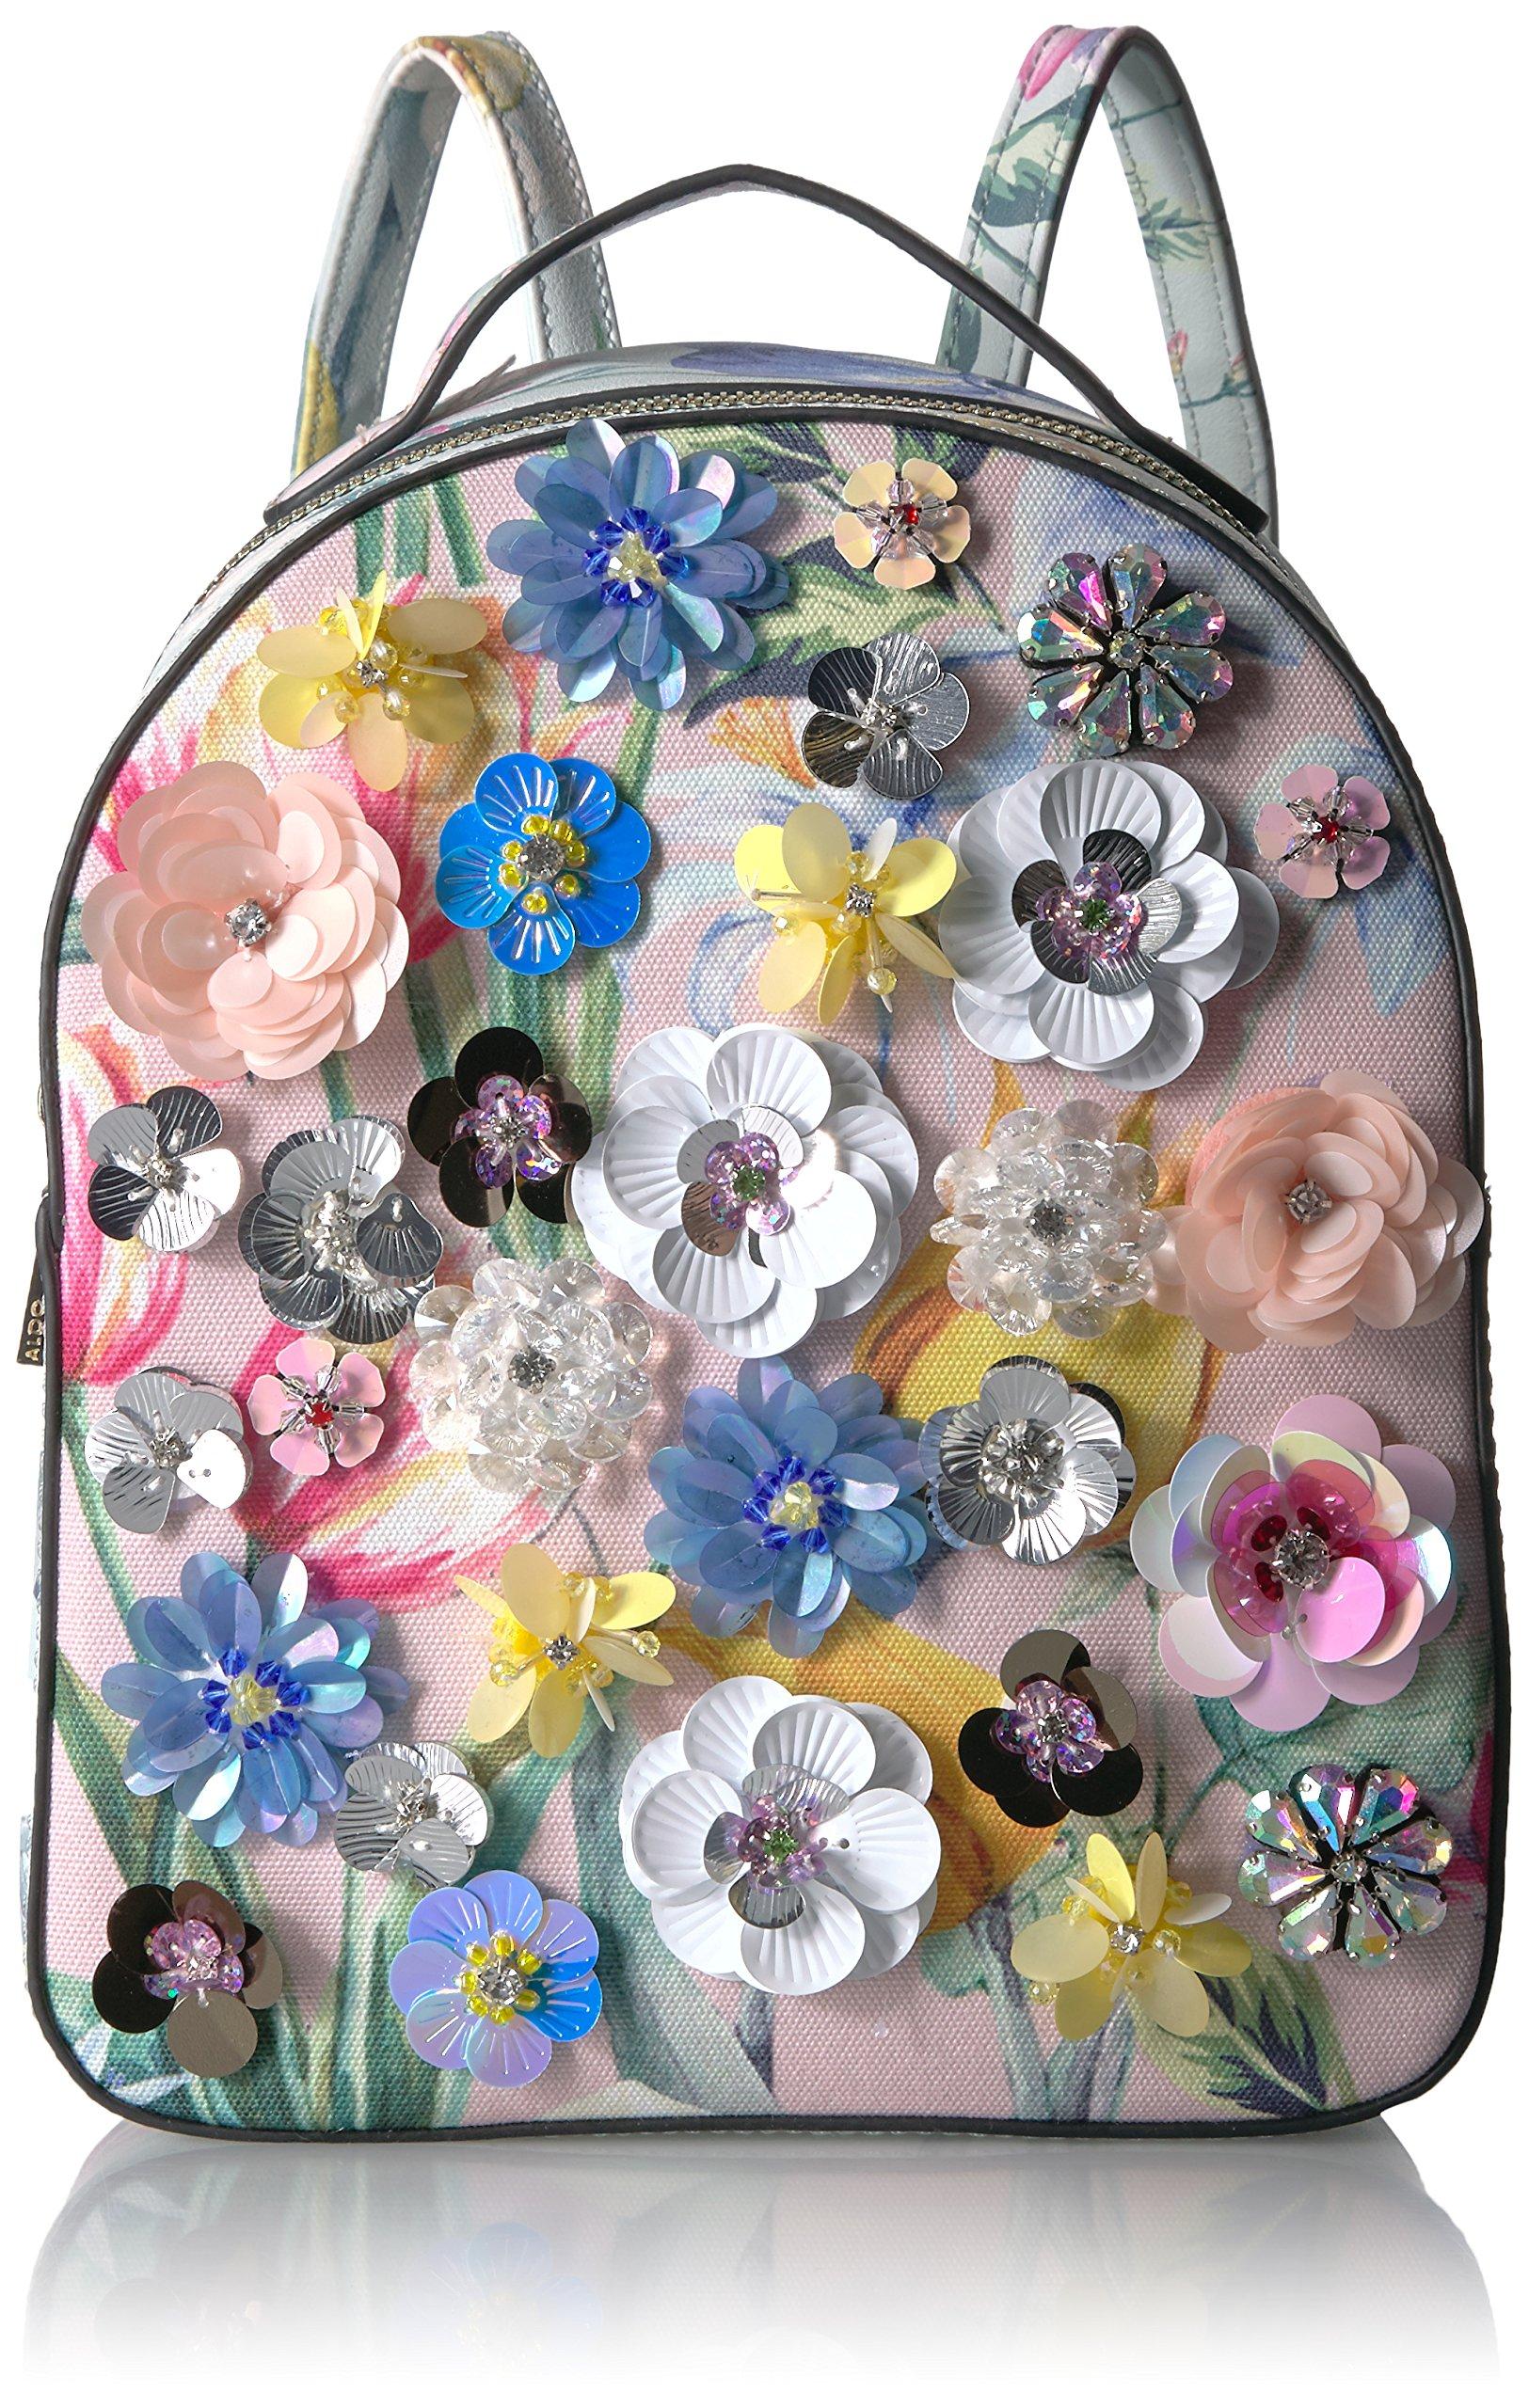 ویکالا · خرید  اصل اورجینال · خرید از آمازون · Aldo Women's Cesanabrianza, Pink Miscellaneous wekala · ویکالا